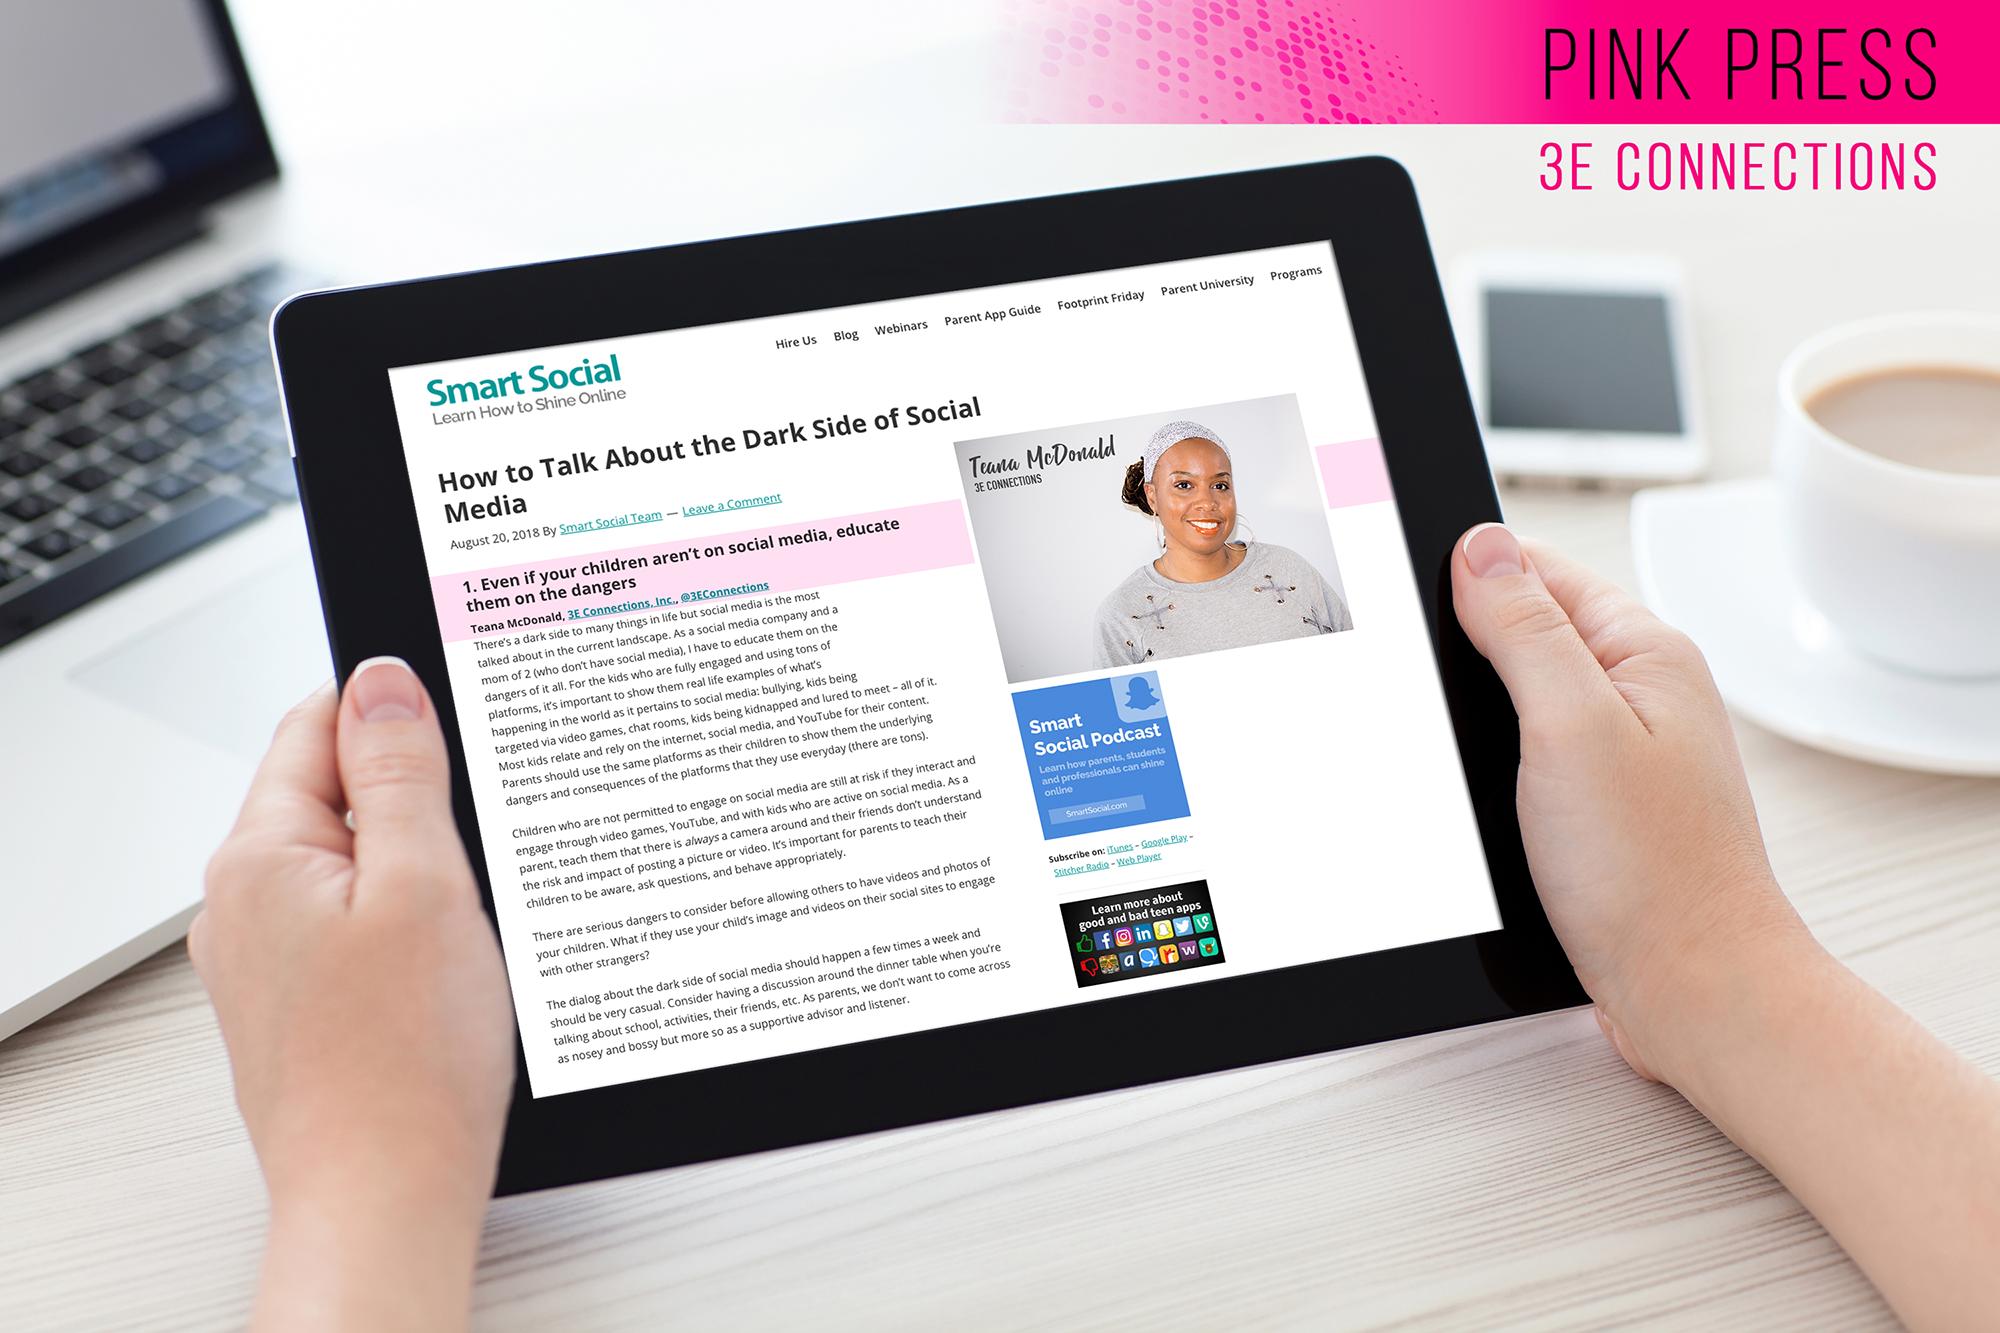 PinkPress_SmartSocial.png